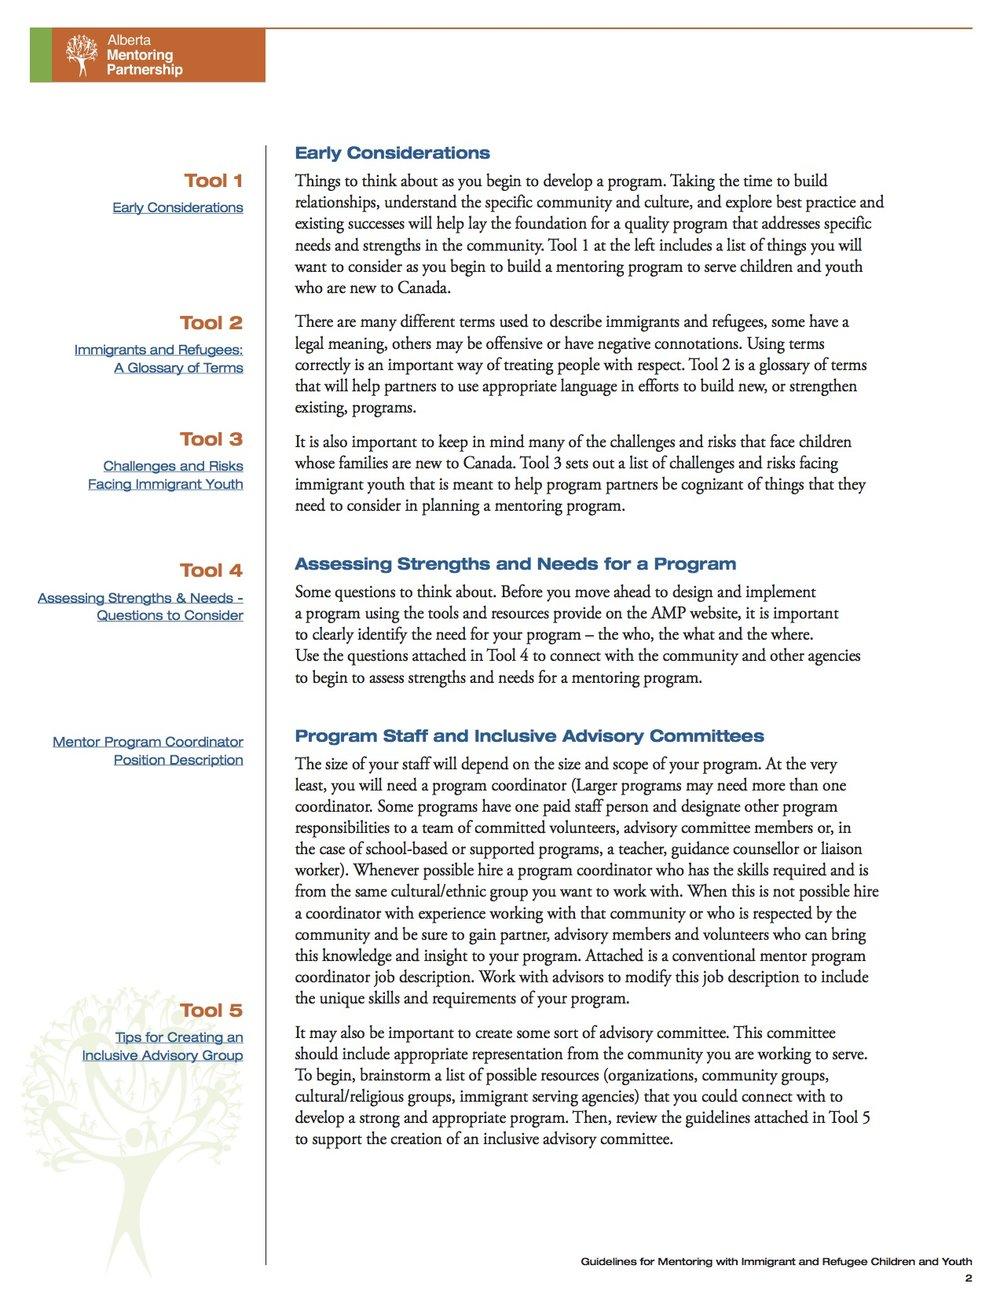 ReR+Mentoring+Guidelines2.jpg